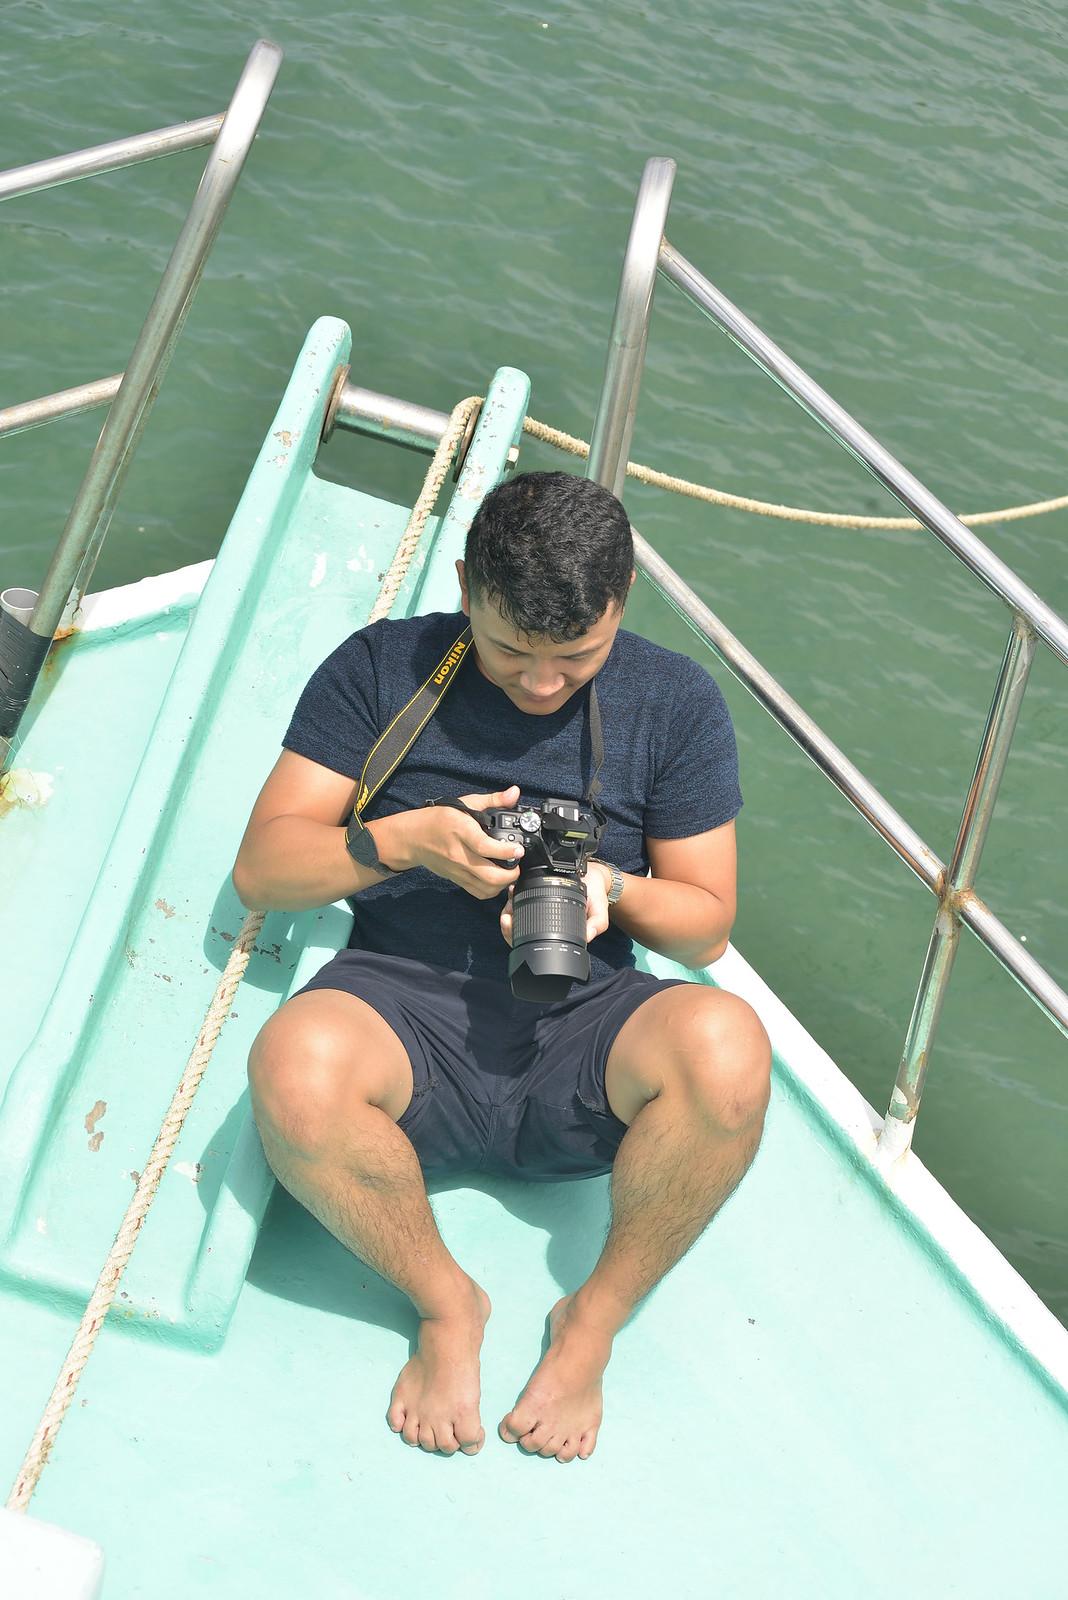 _DSC4330_00052, Nikon D600, AF Nikkor 70-210mm f/4-5.6